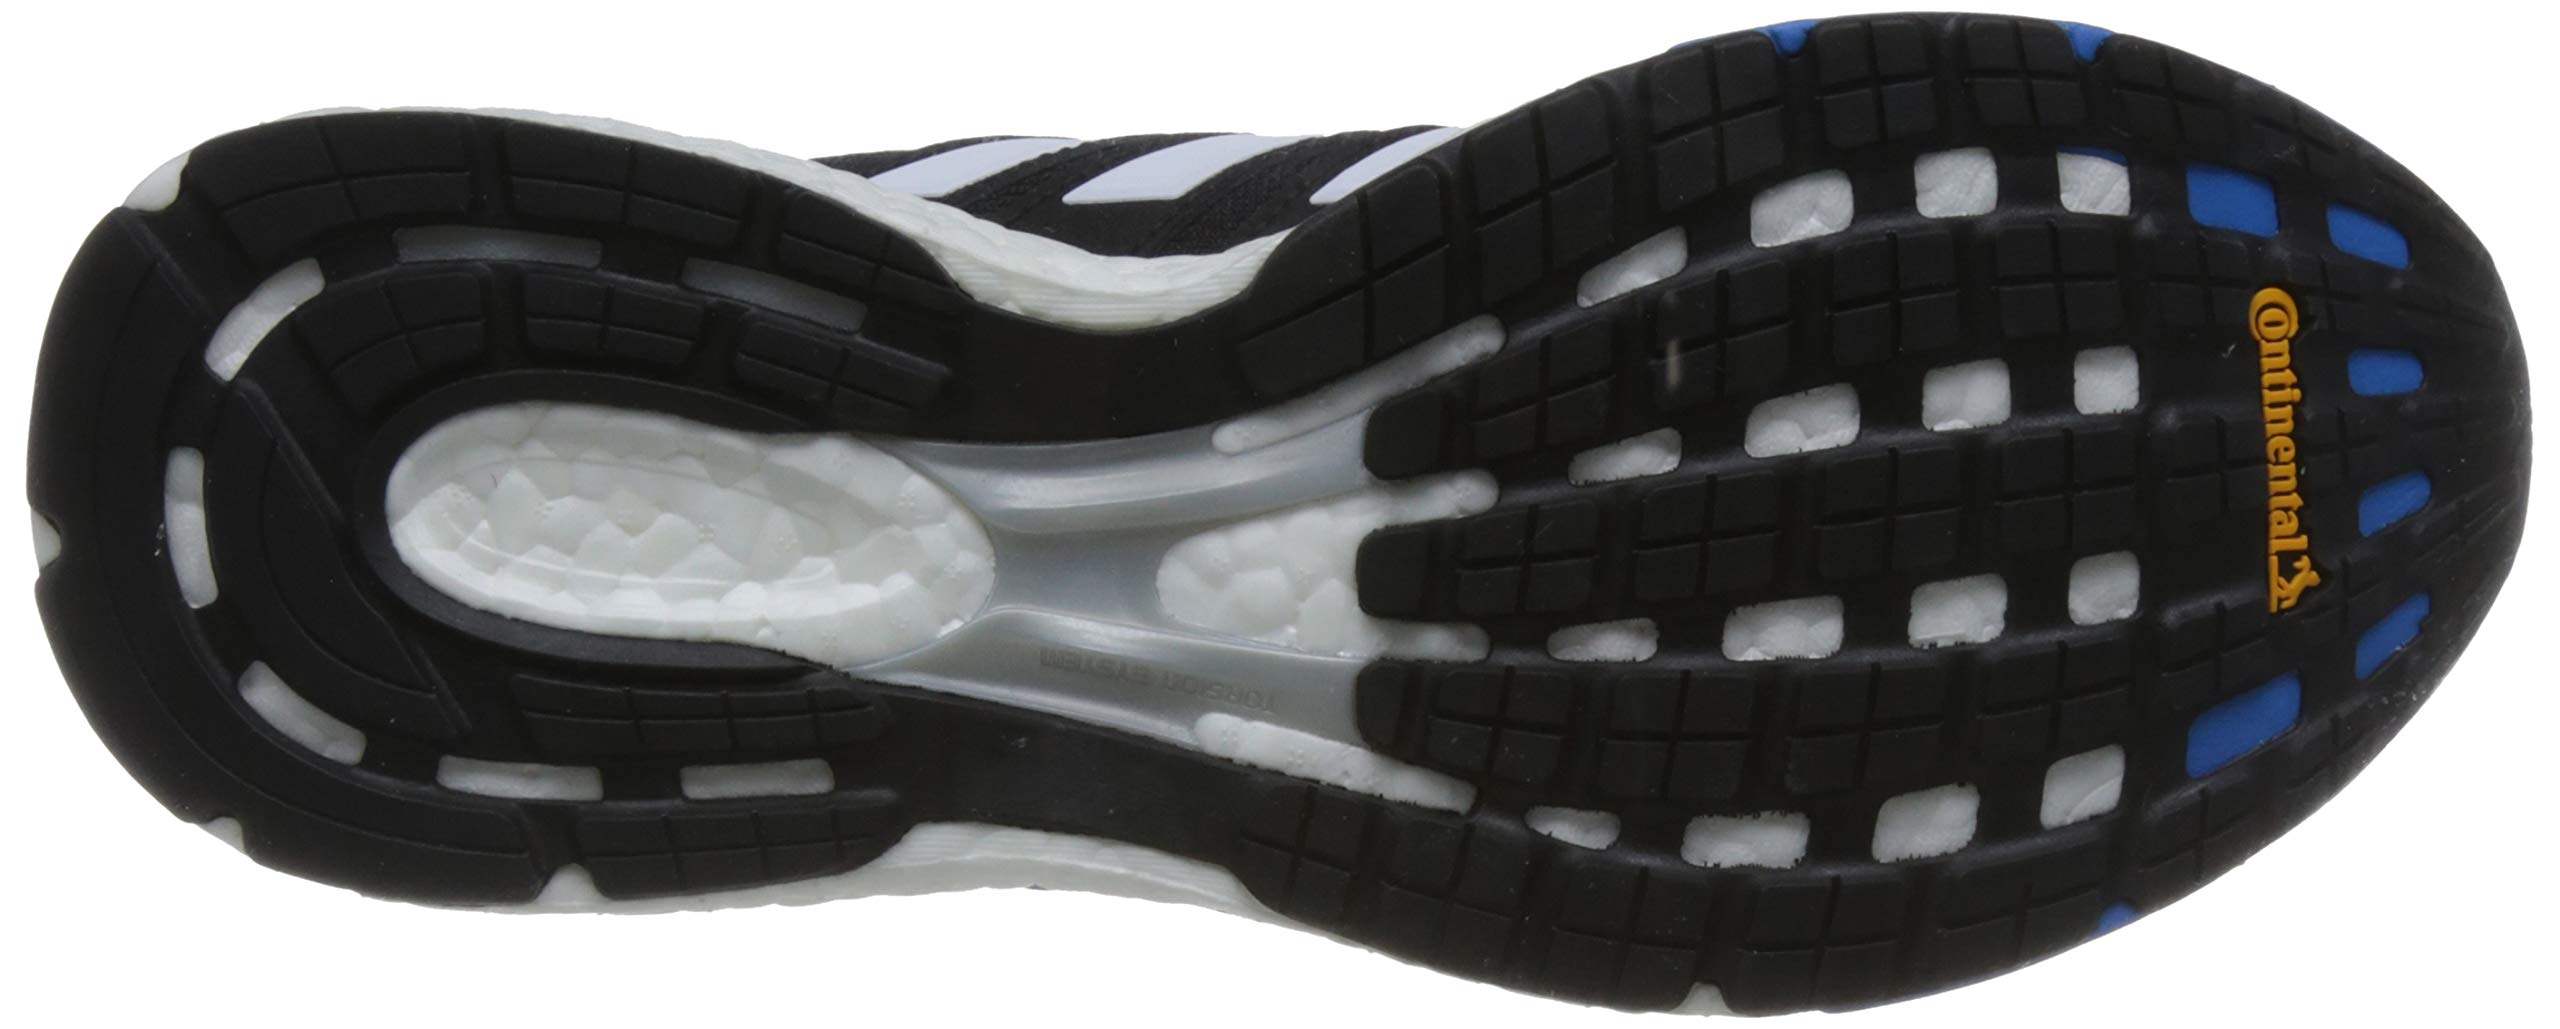 61v8eZzlIRL - adidas Women's Adizero Boston 7 W Running Shoes